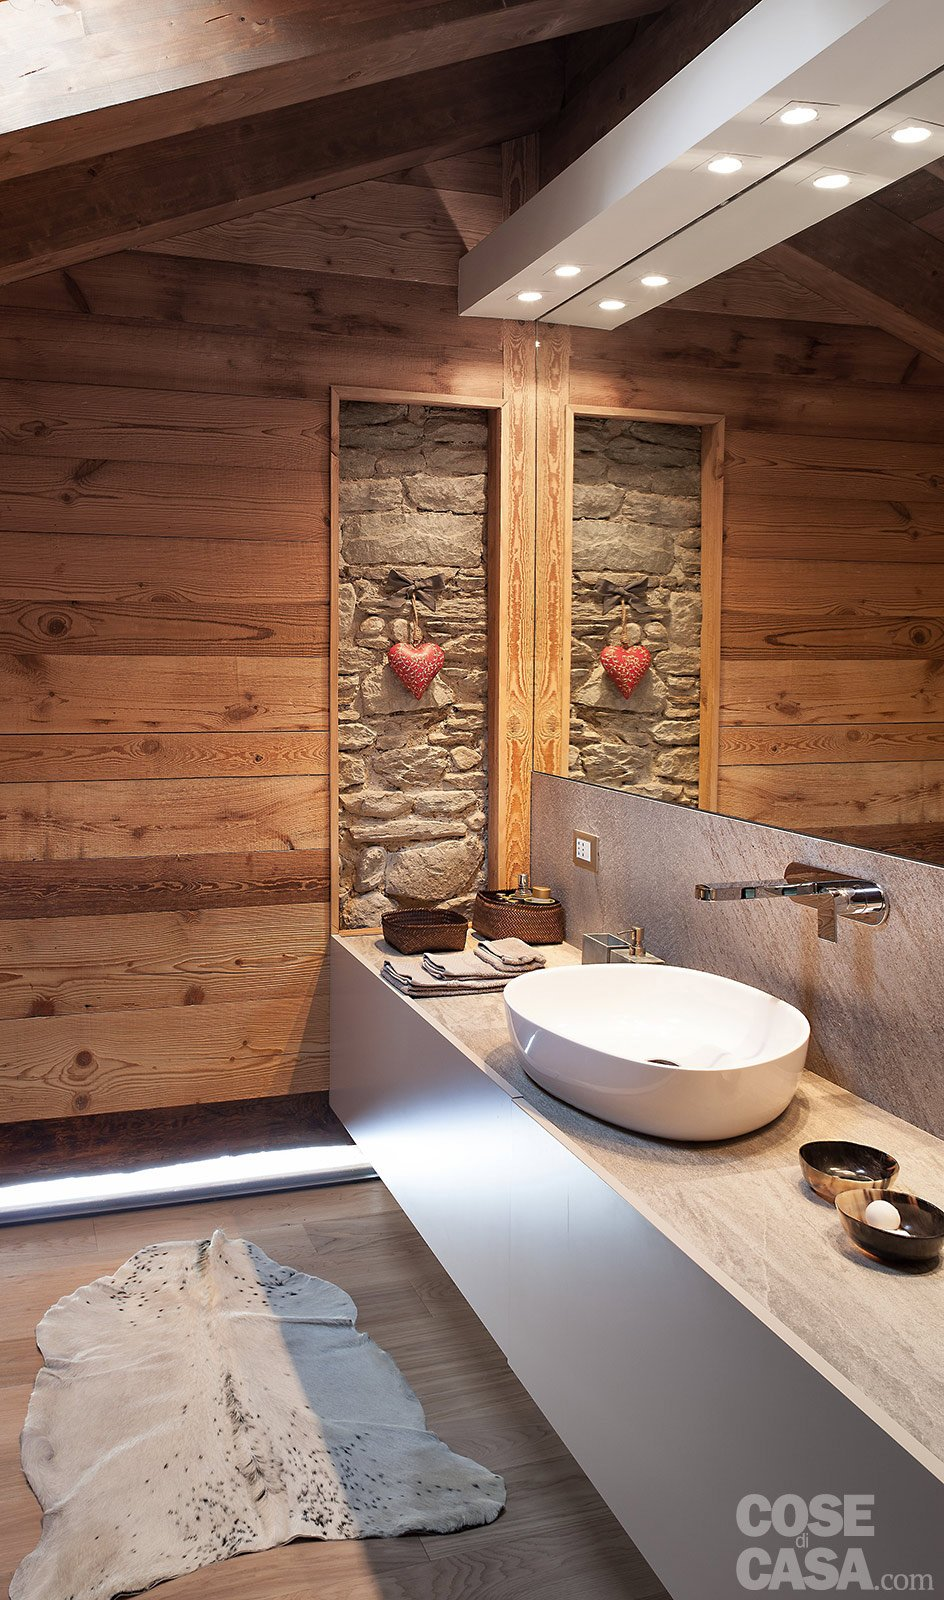 Chalet moderno una casa di montagna in stile rustico for Casa moderna con tetto in legno